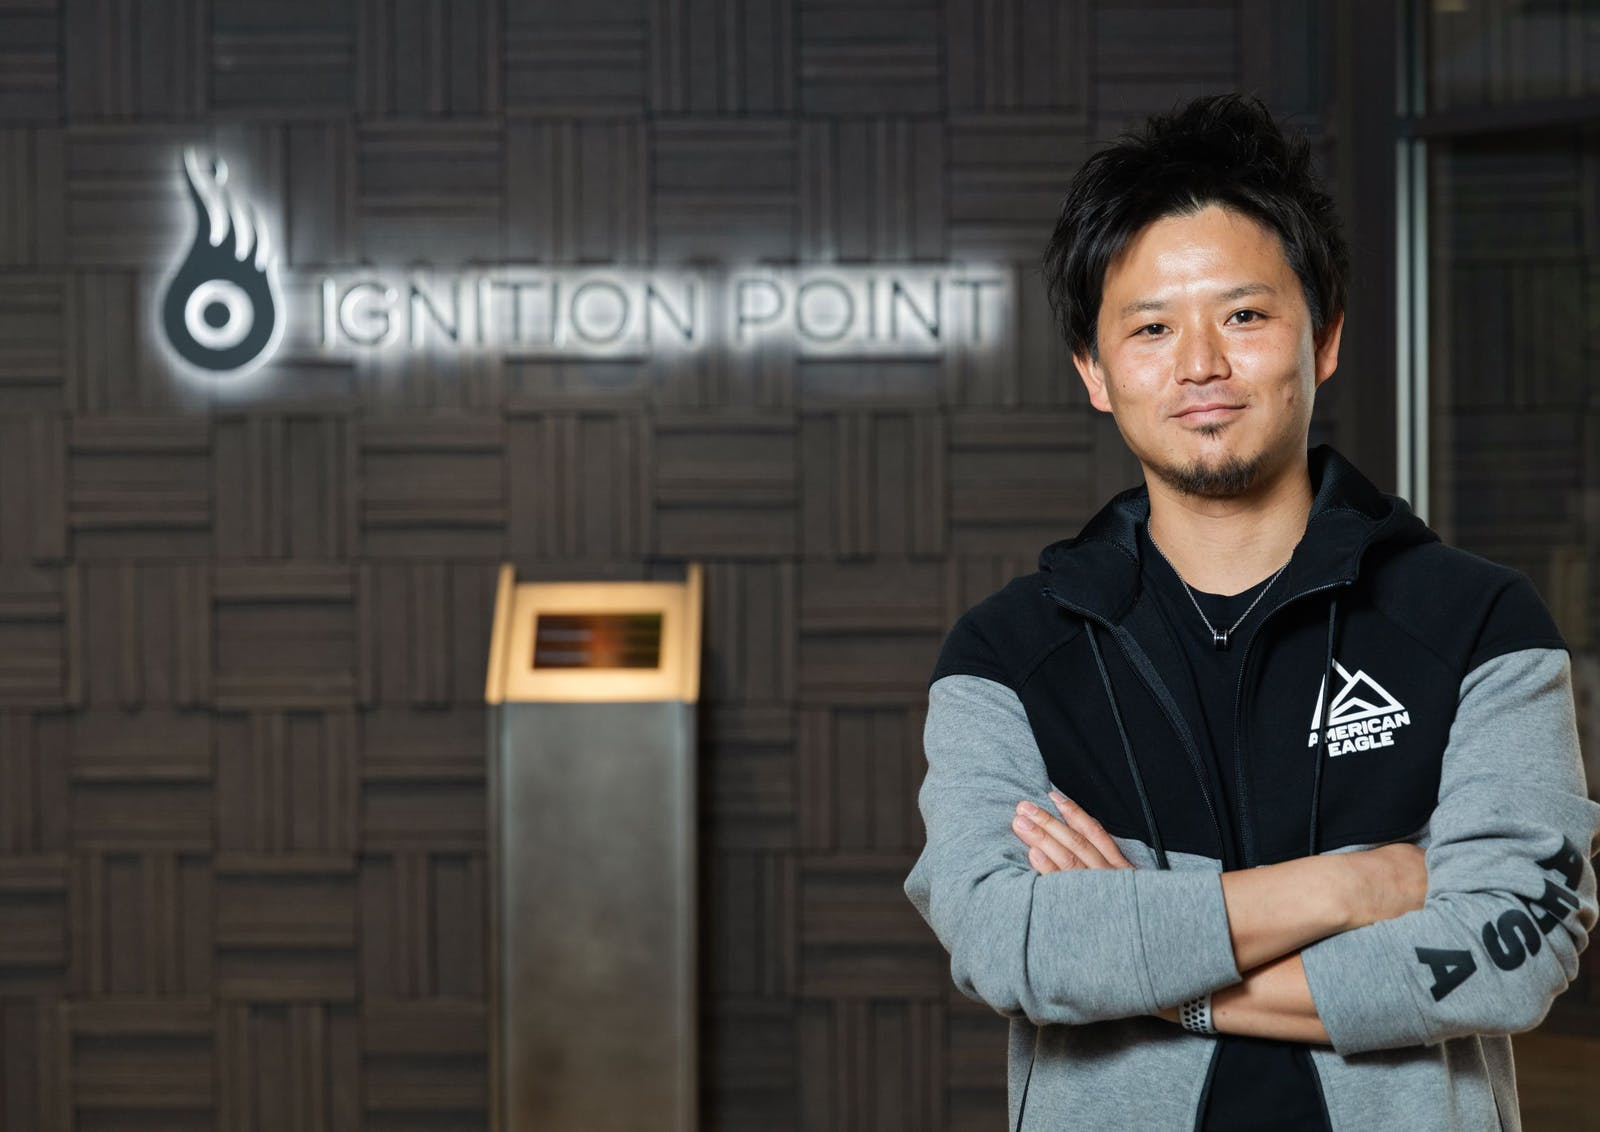 イグニション・ポイント株式会社のアイキャッチ画像